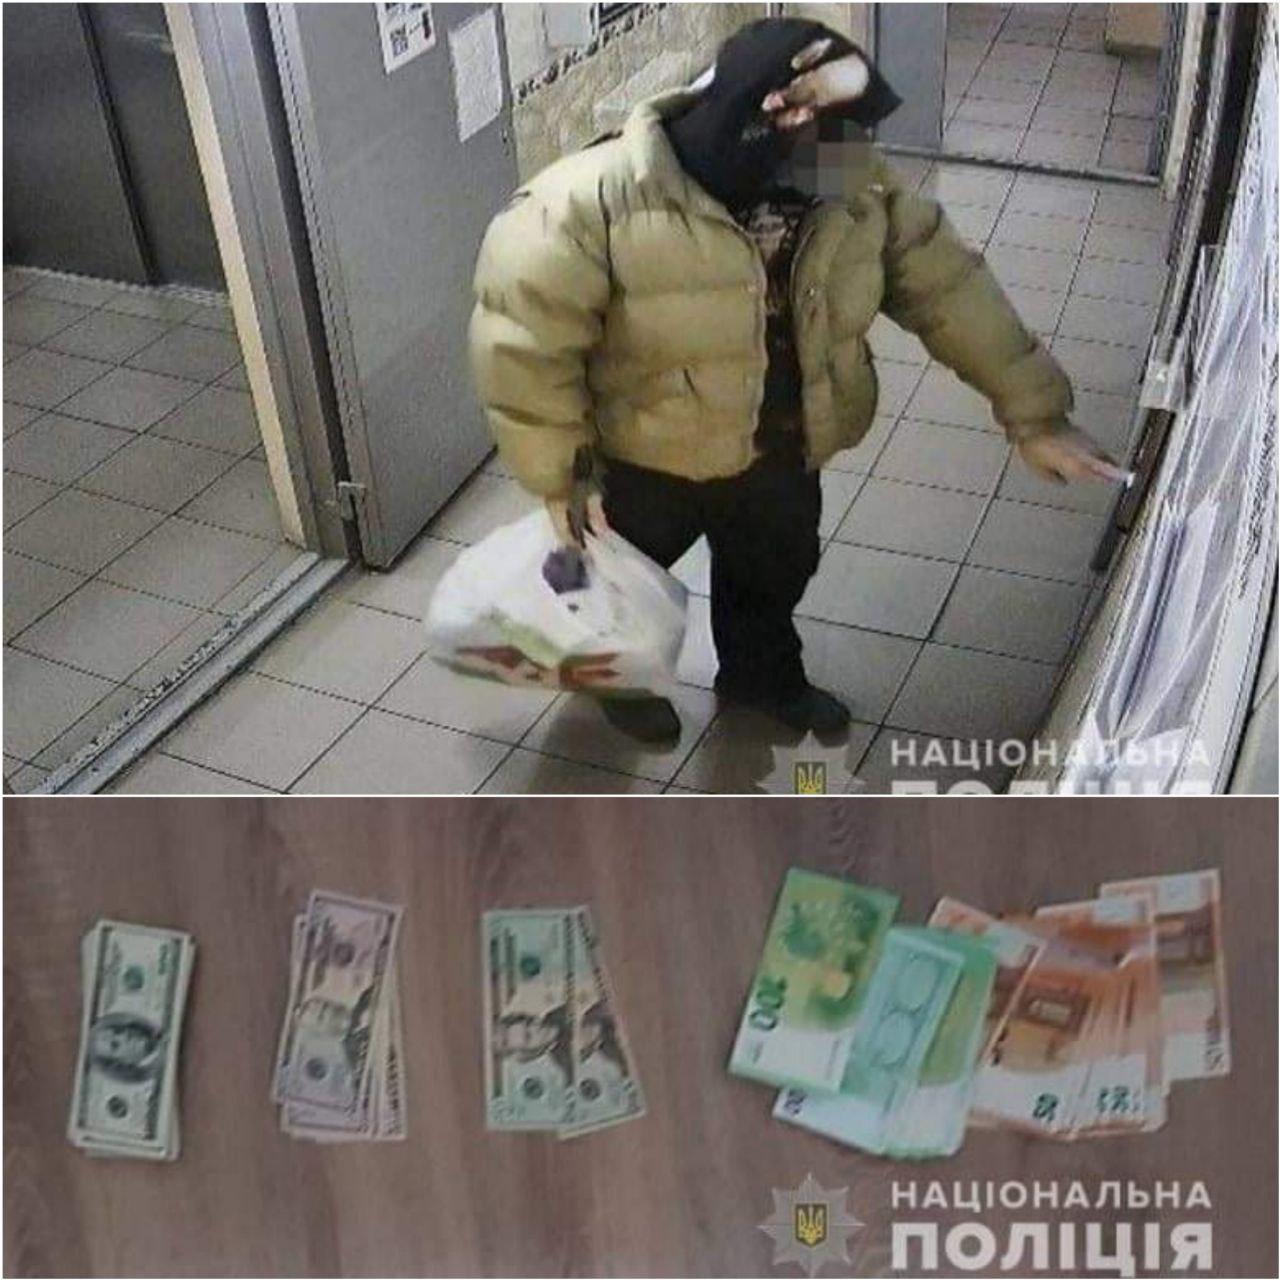 У Києві прибиральник поцупив у роботодавців майже 20 тис. доларів - Прибиральник, крадіжка, квартира - IMG 20210223 163213 641